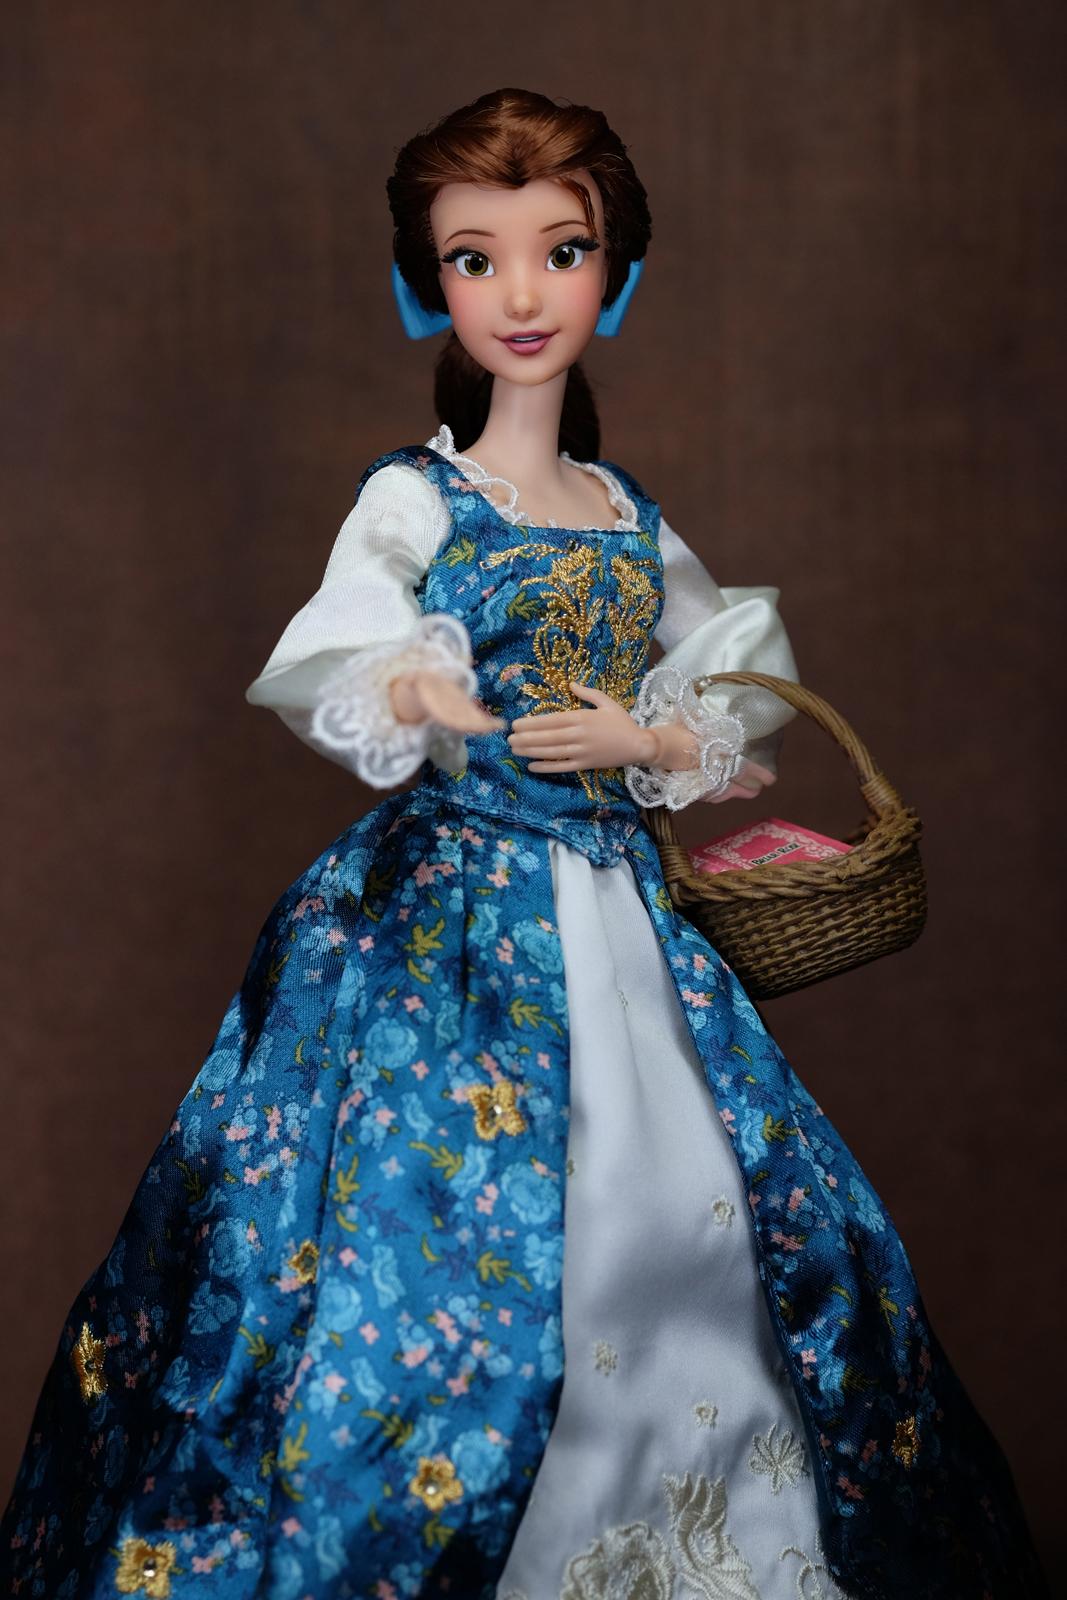 Belle OOAK Doll Repainted By RY Factory